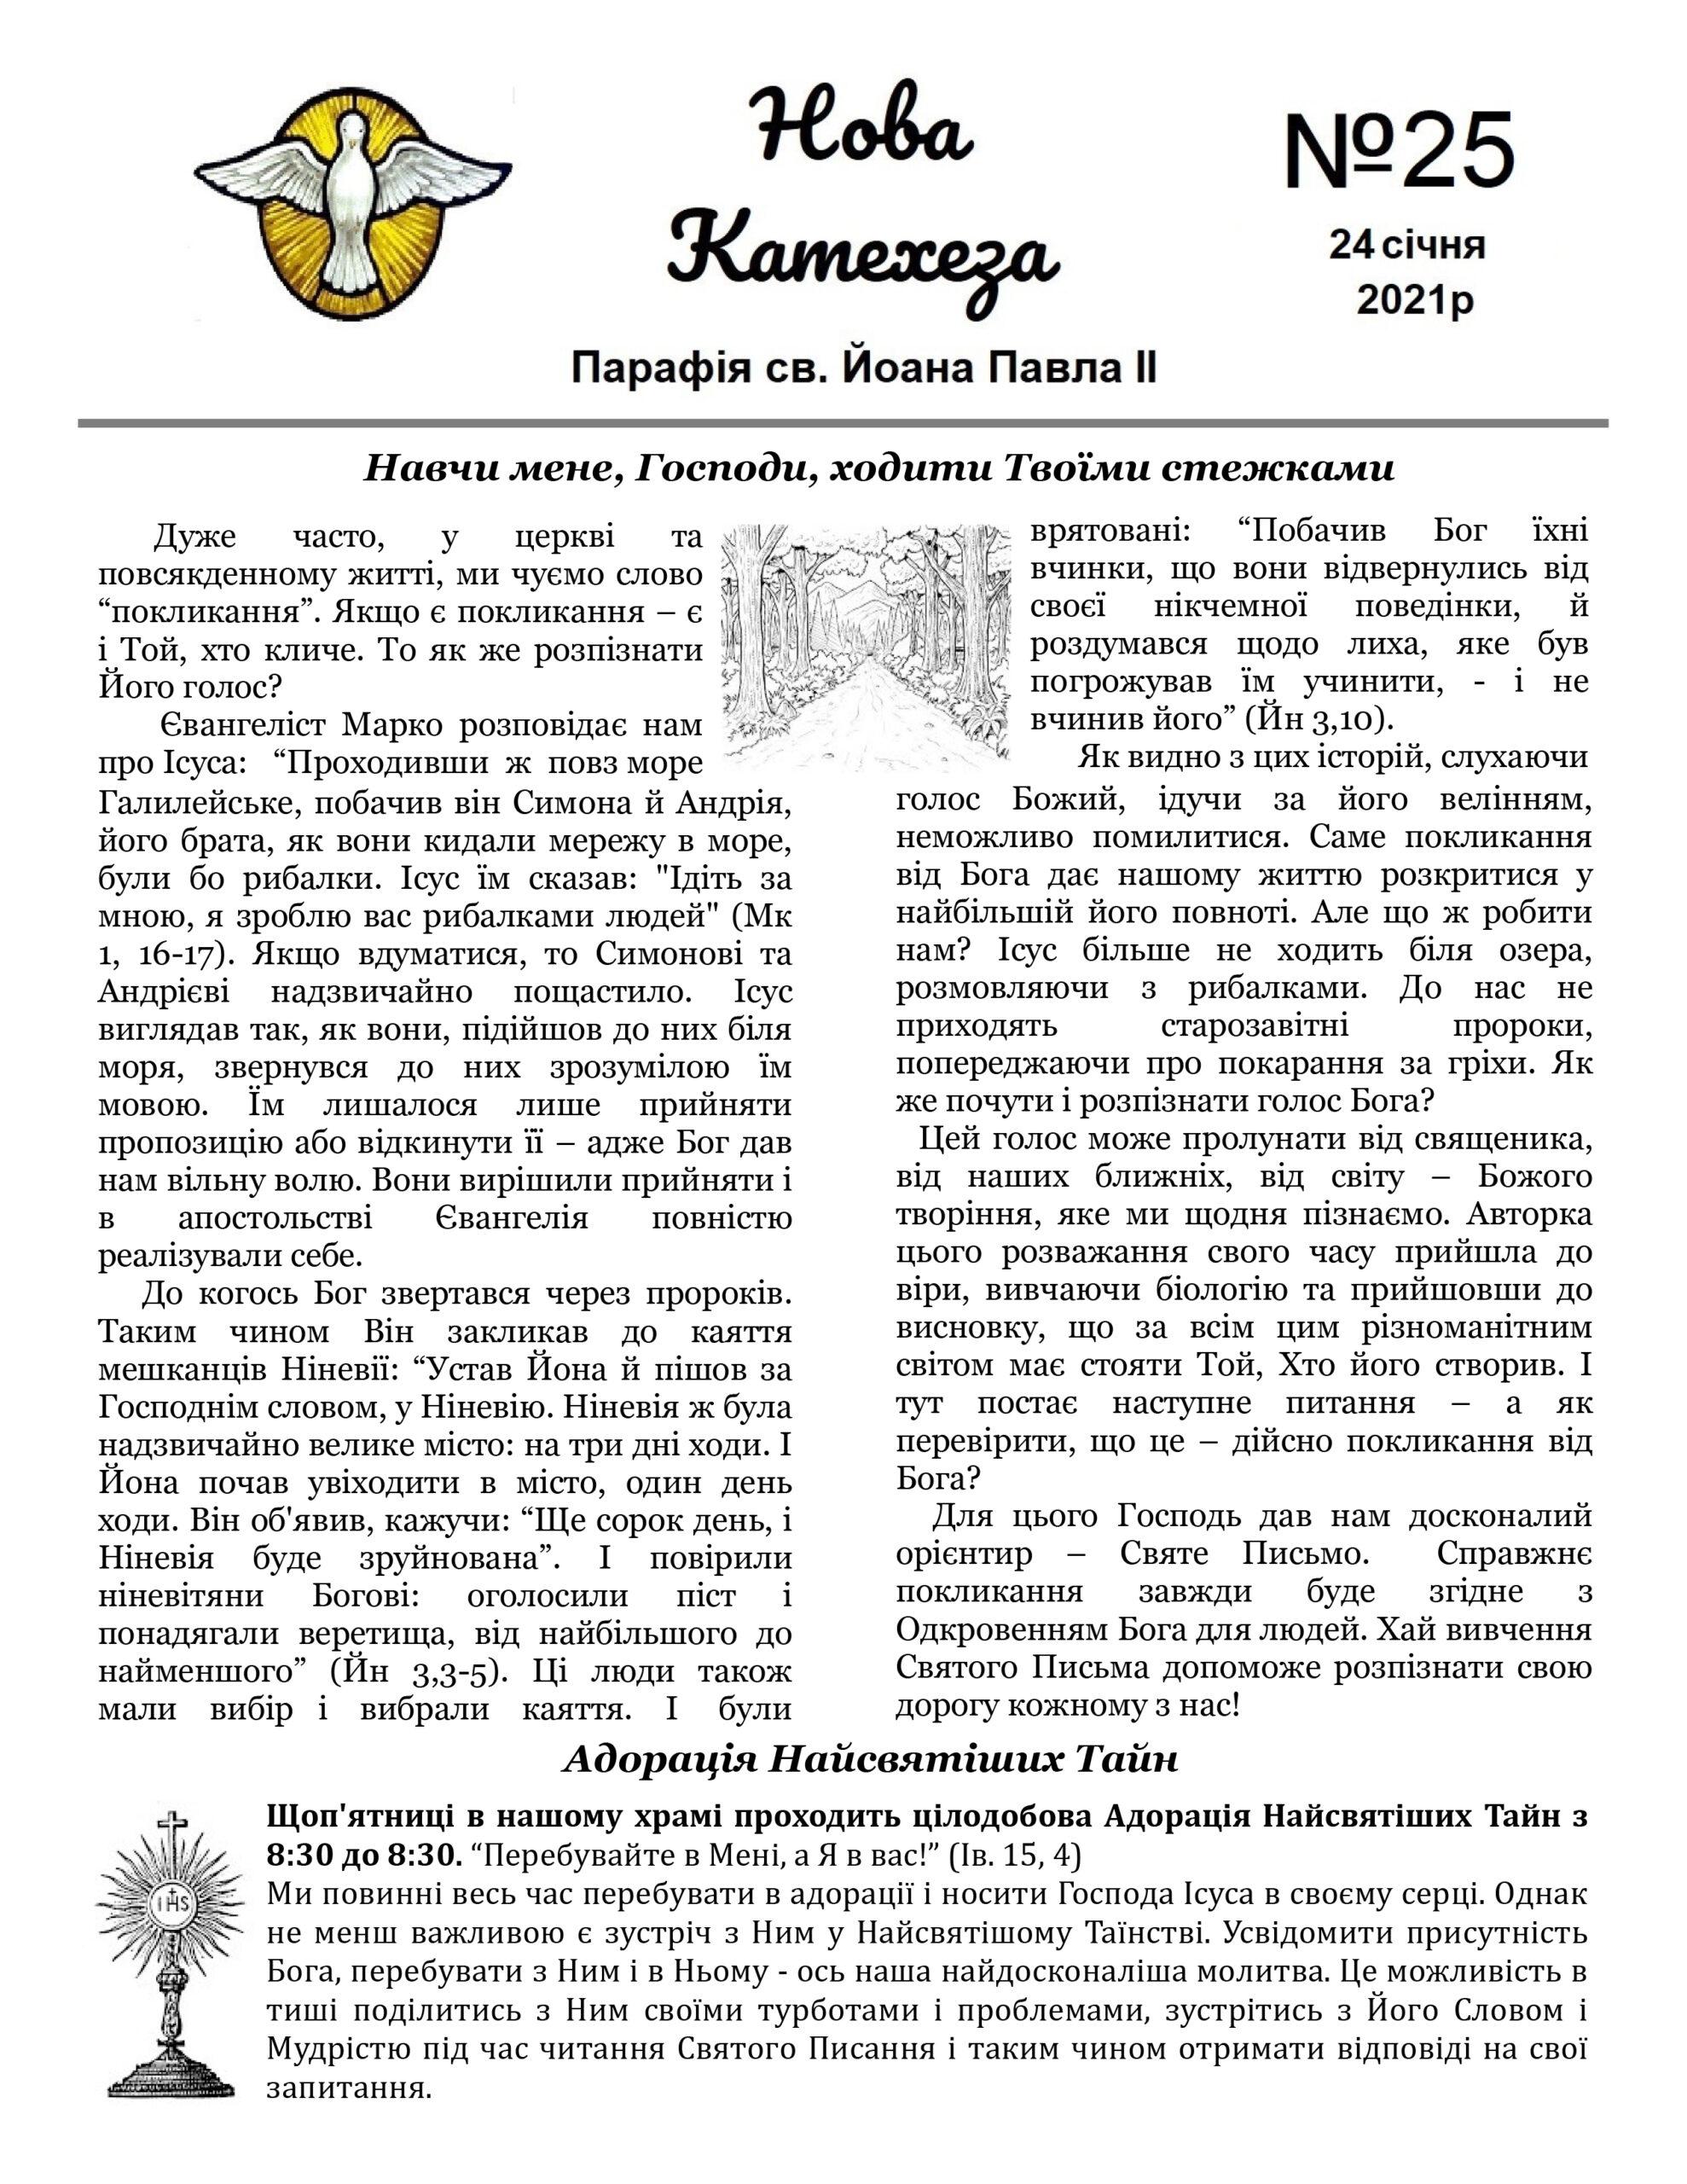 25-й номер парафіяльної газети